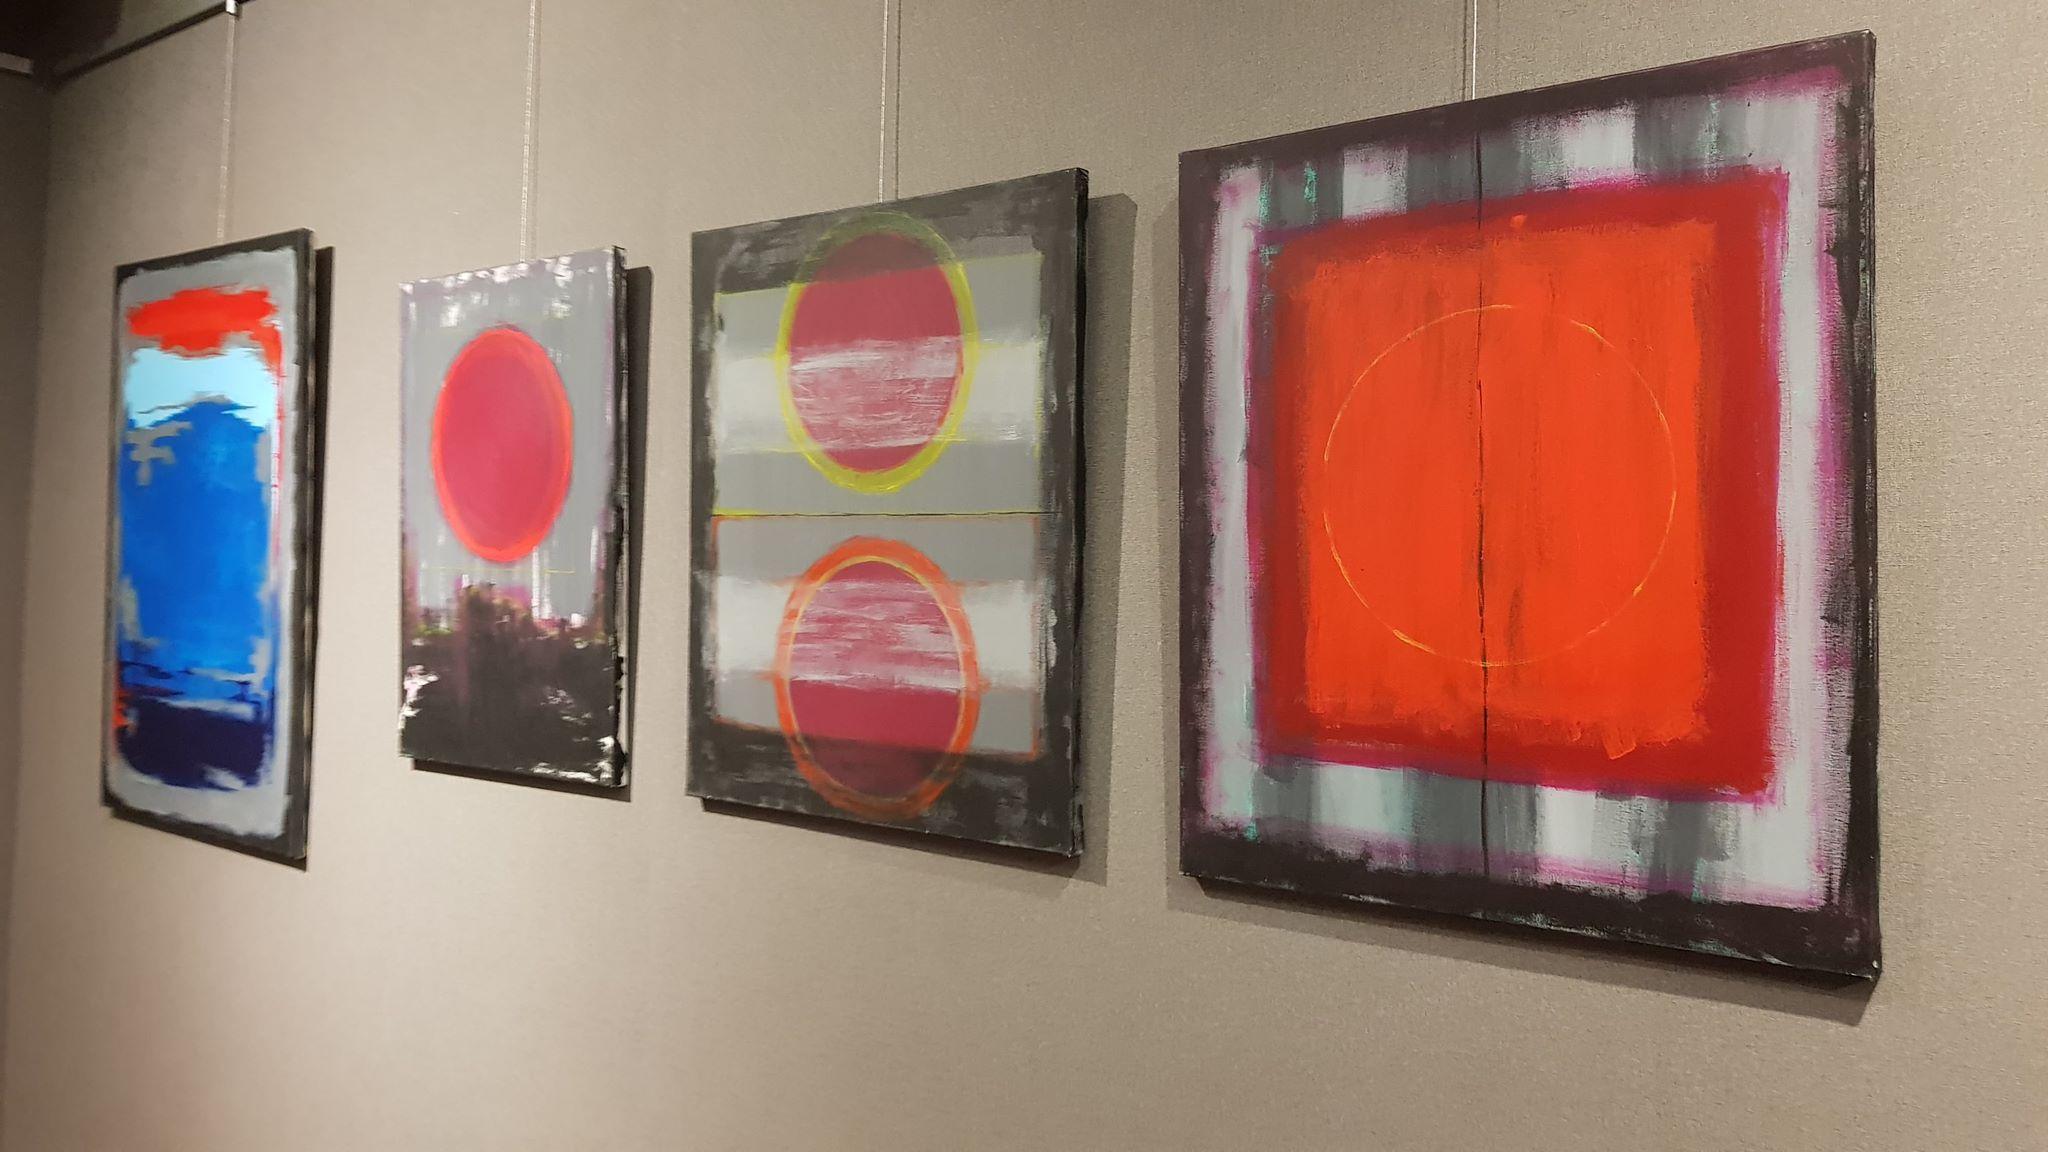 Geometryczne malarstwo Marcina Lubery w Galerii ESCEK w Mielcu - Zdjęcie główne